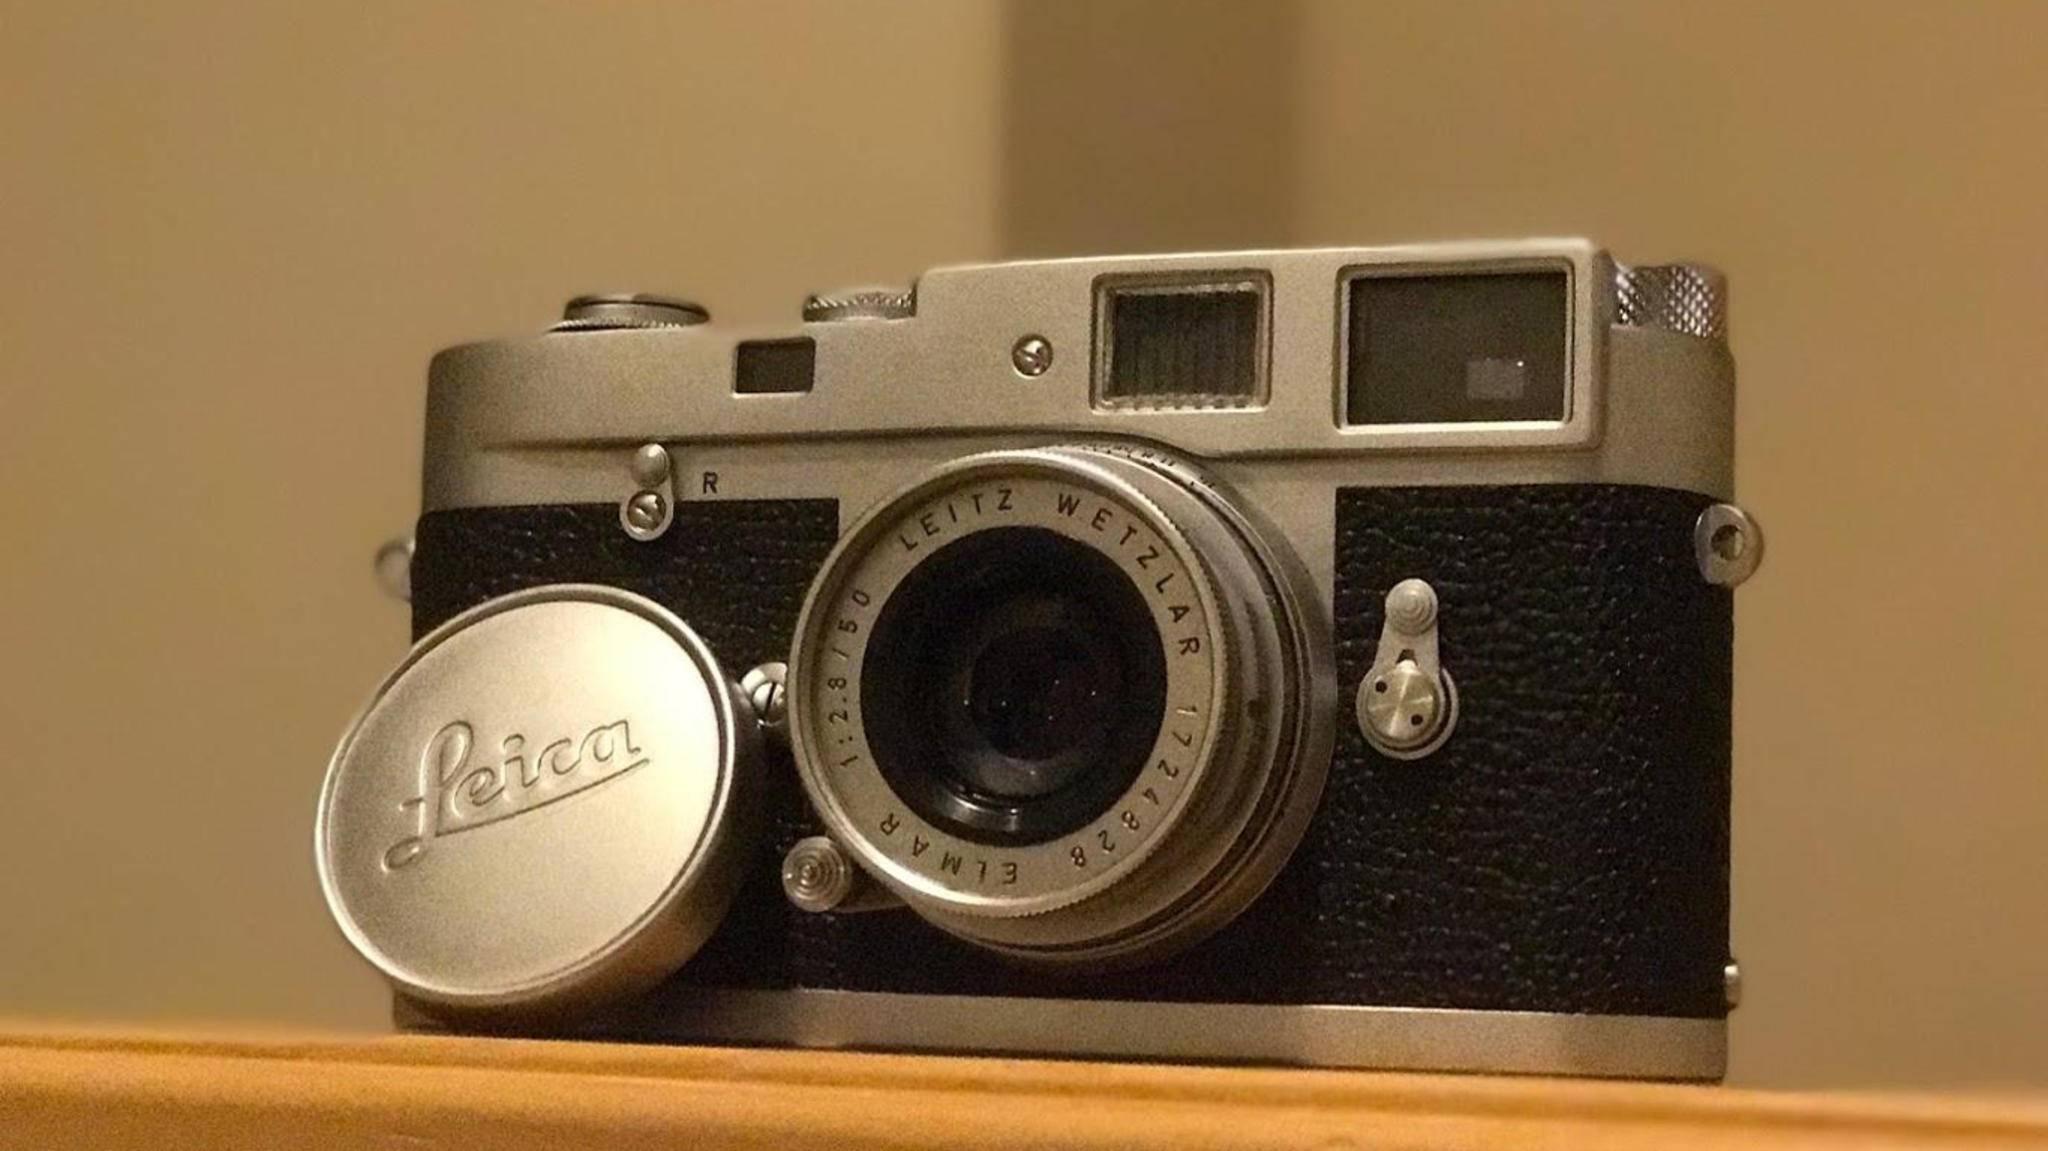 Für eine Leica M2-Kamera zahlte ein Student nur einen Bruchteil ihres Wertes.